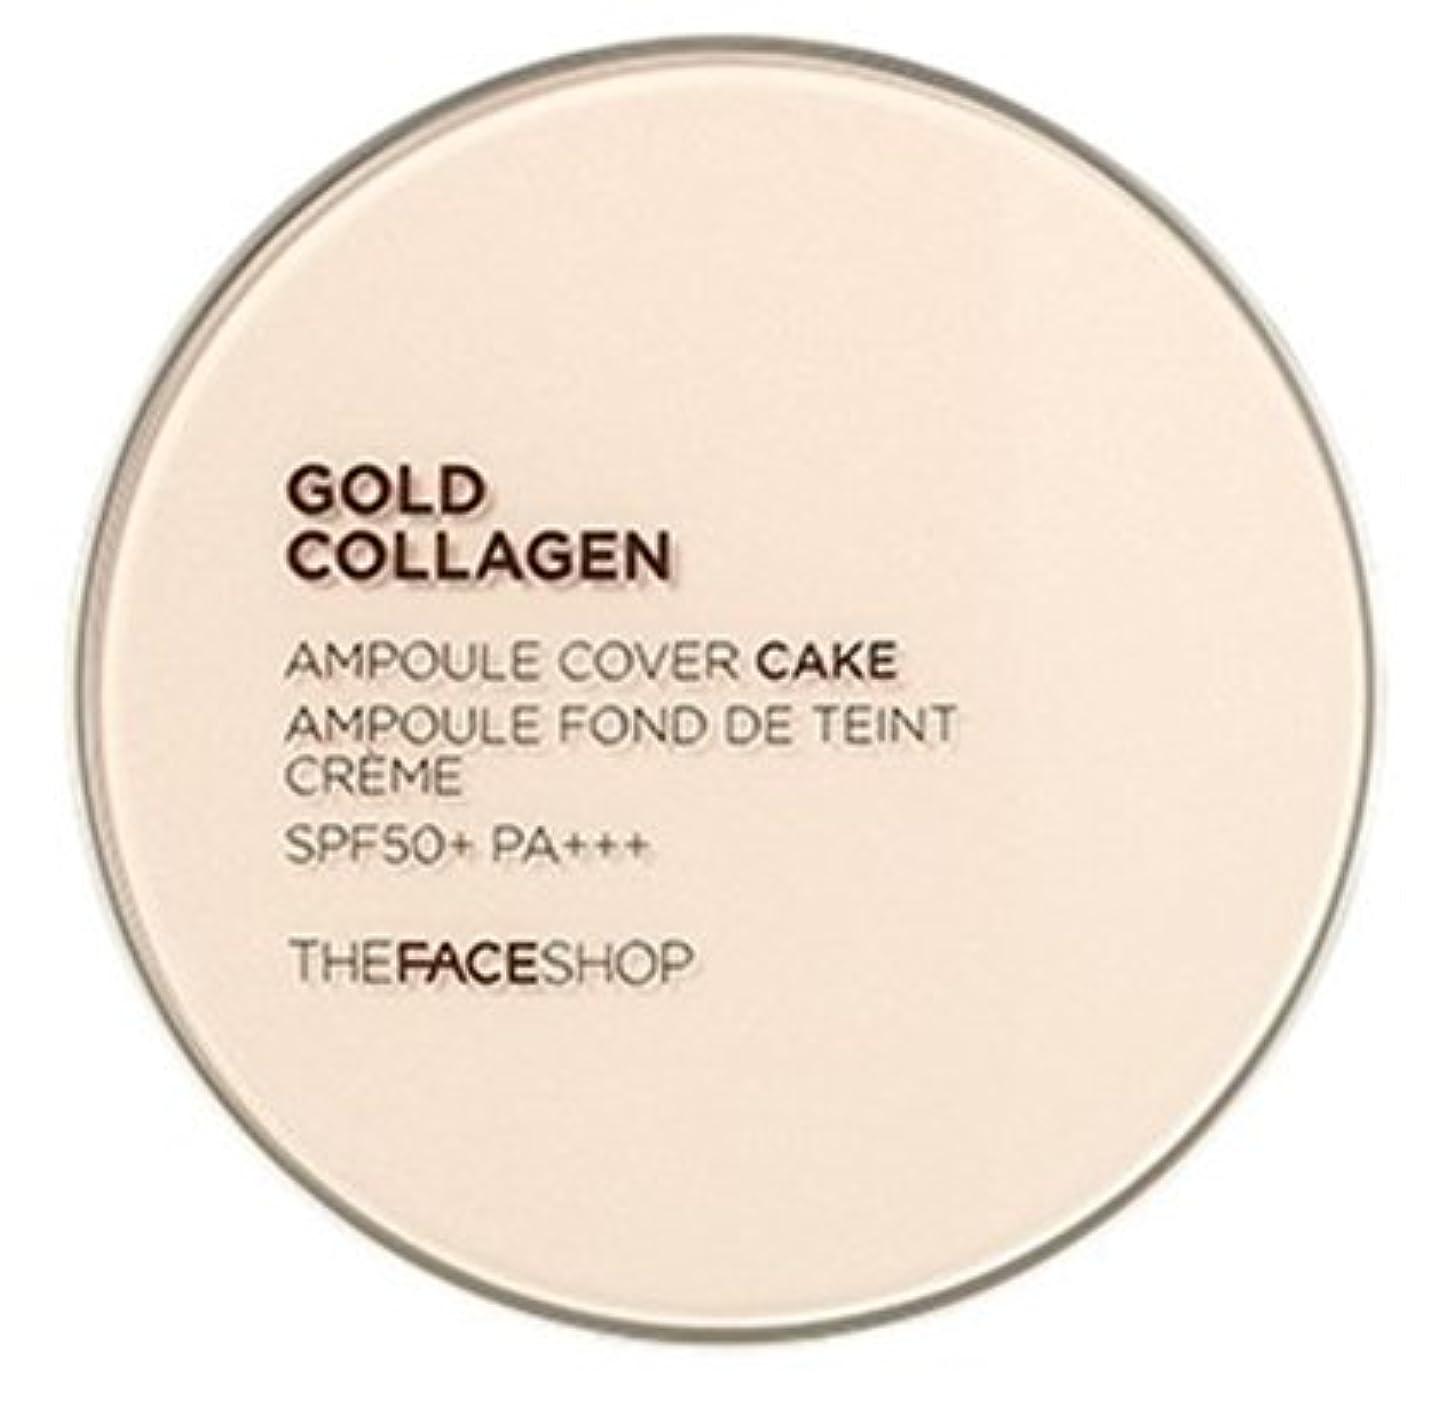 予想するタイト大いにザフェイスショップ(The Face Shop) ゴールドコラーゲンアンプルカバーケーキ #N203